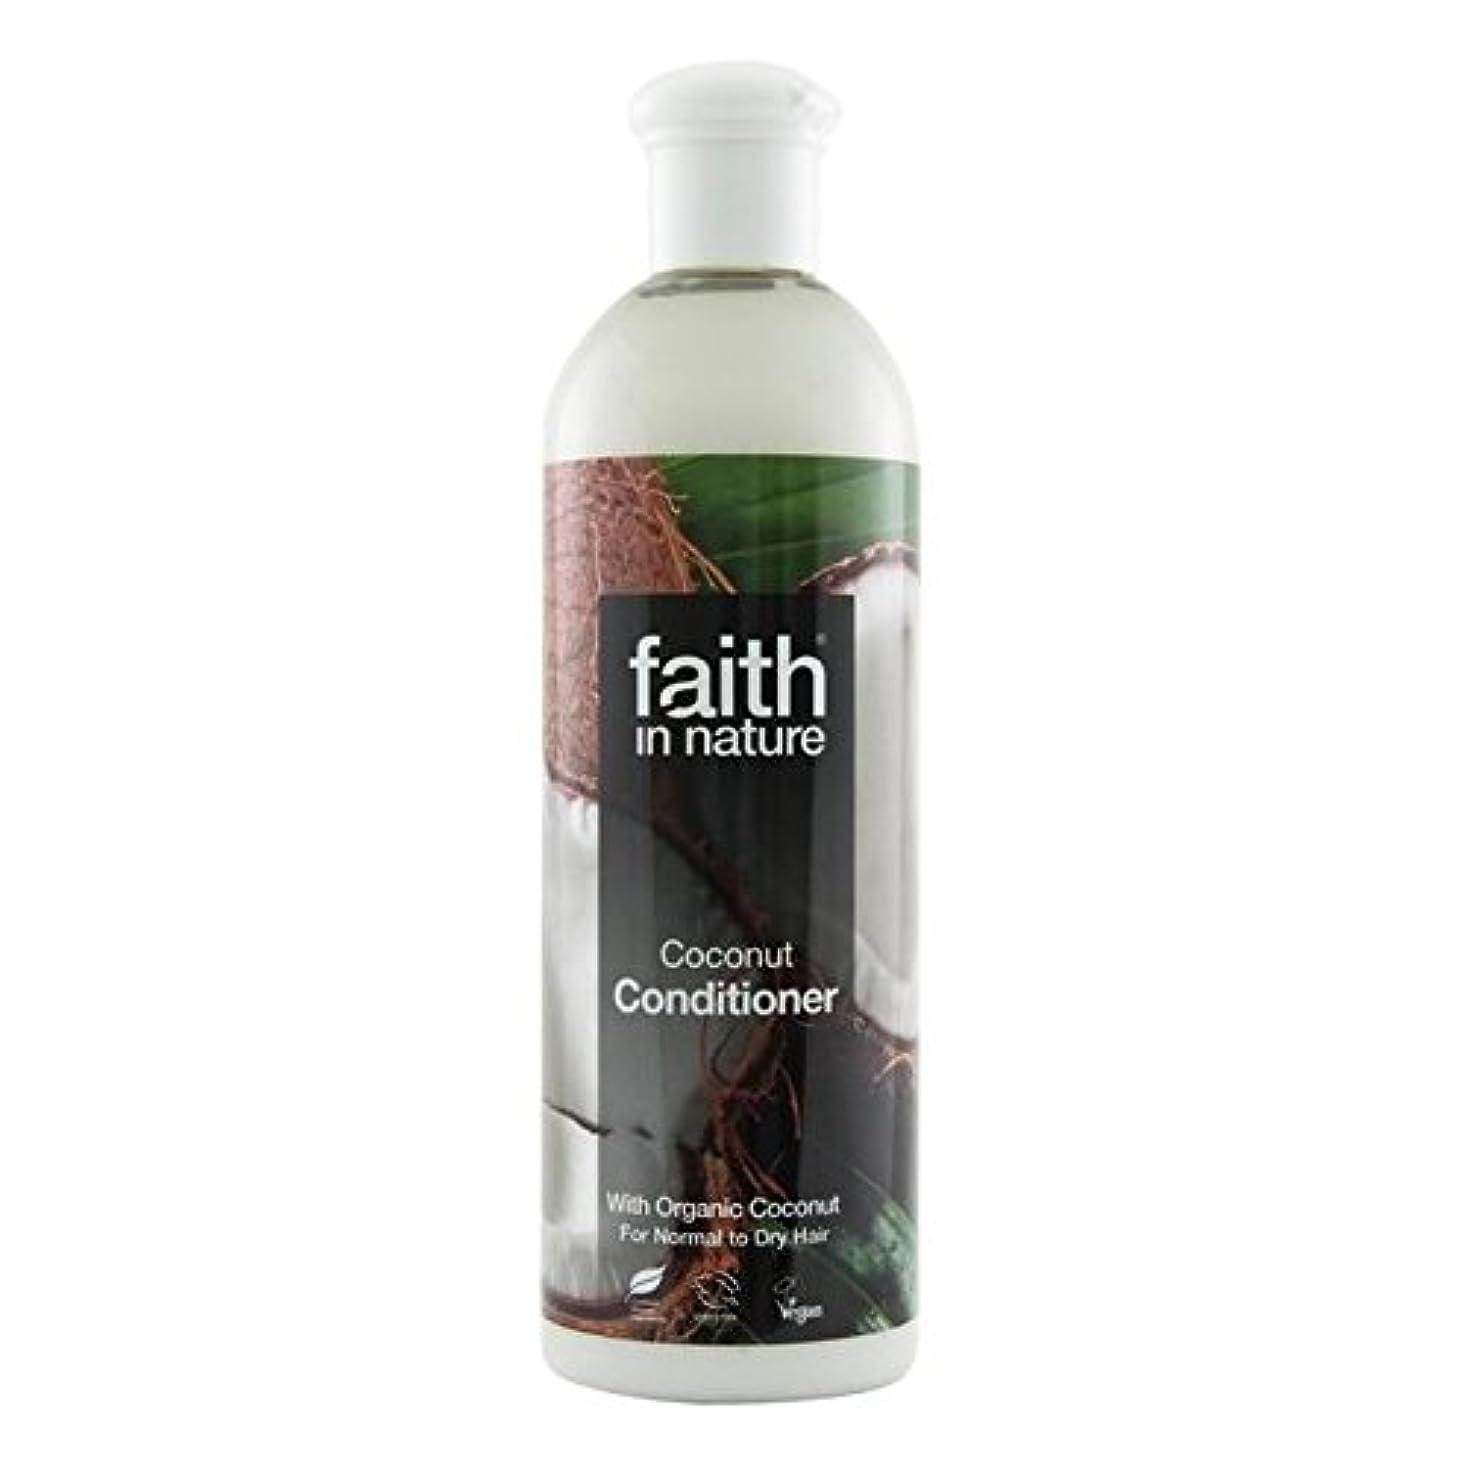 弾性進捗ローブFaith in Nature Coconut Conditioner 400ml (Pack of 4) - (Faith In Nature) 自然ココナッツコンディショナー400ミリリットルの信仰 (x4) [並行輸入品]